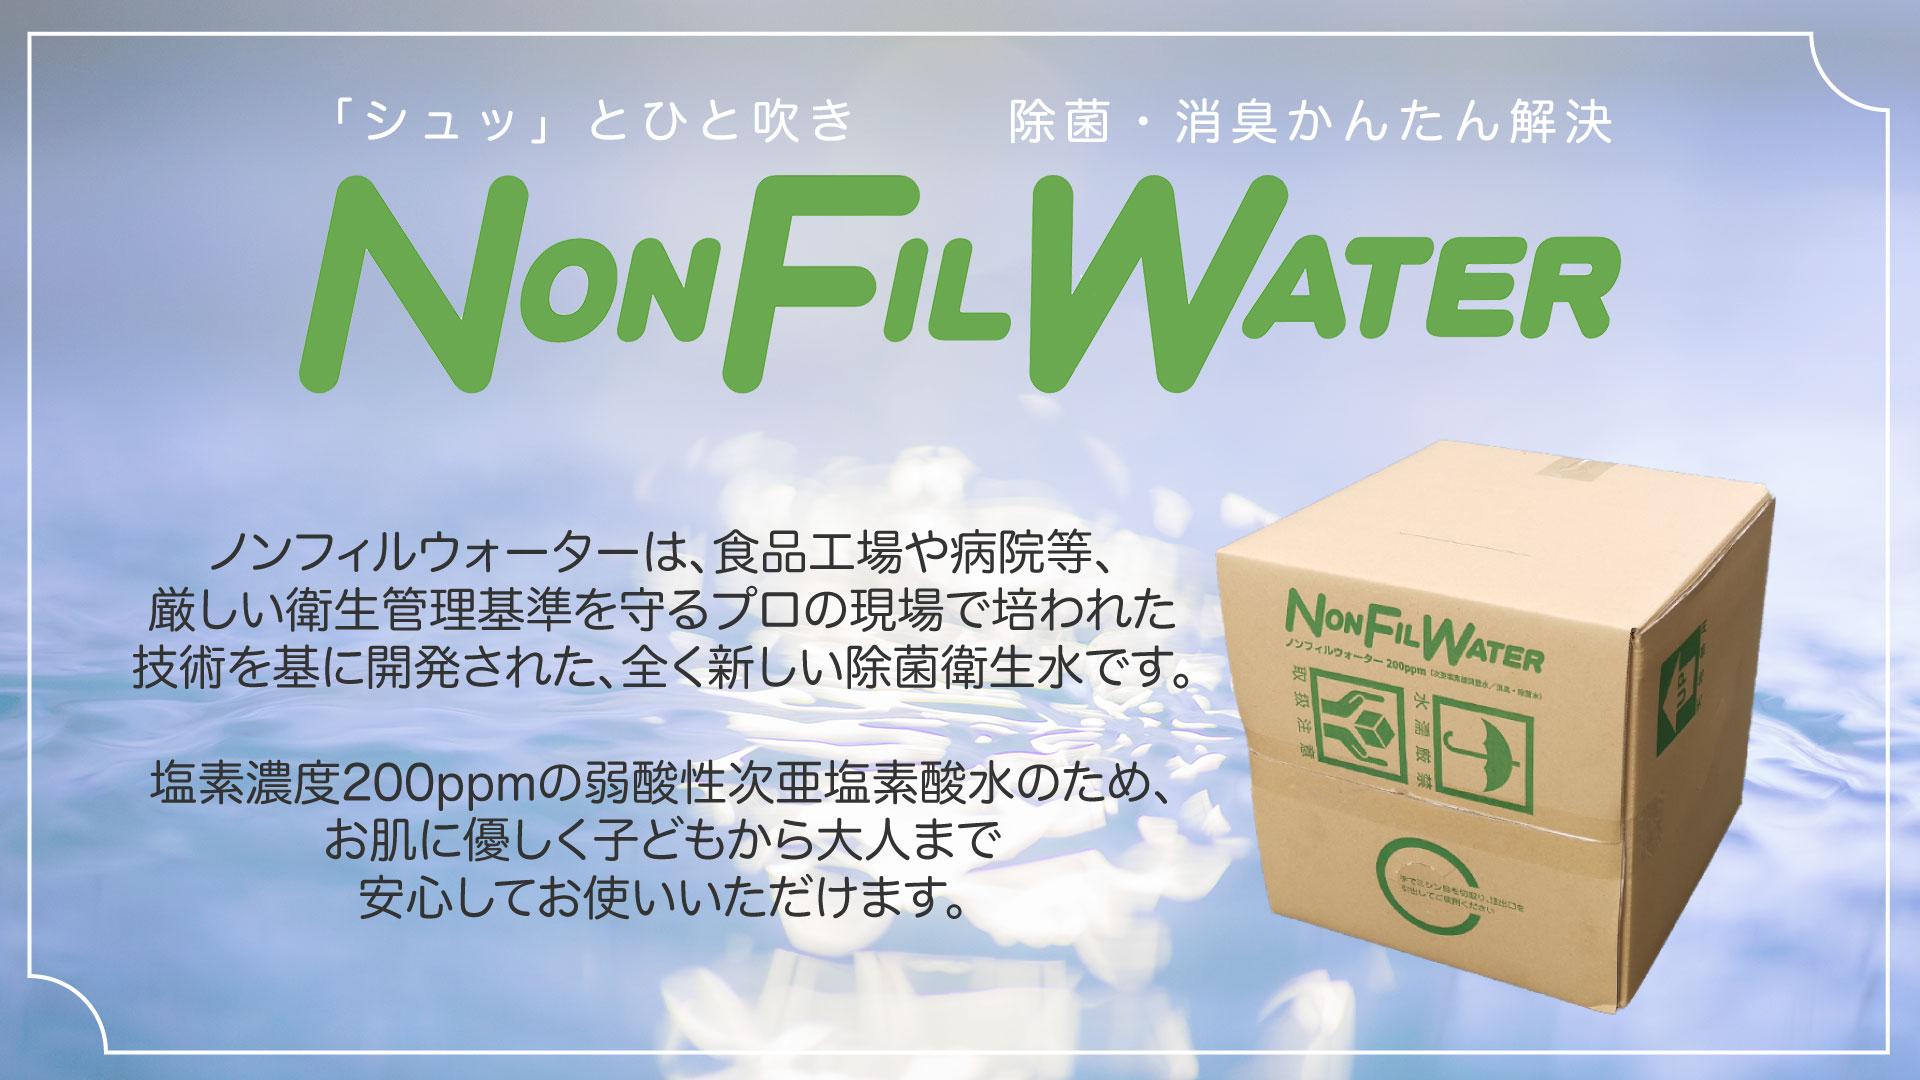 次亜塩素酸水ノンフィルウオーターご注文フォーム